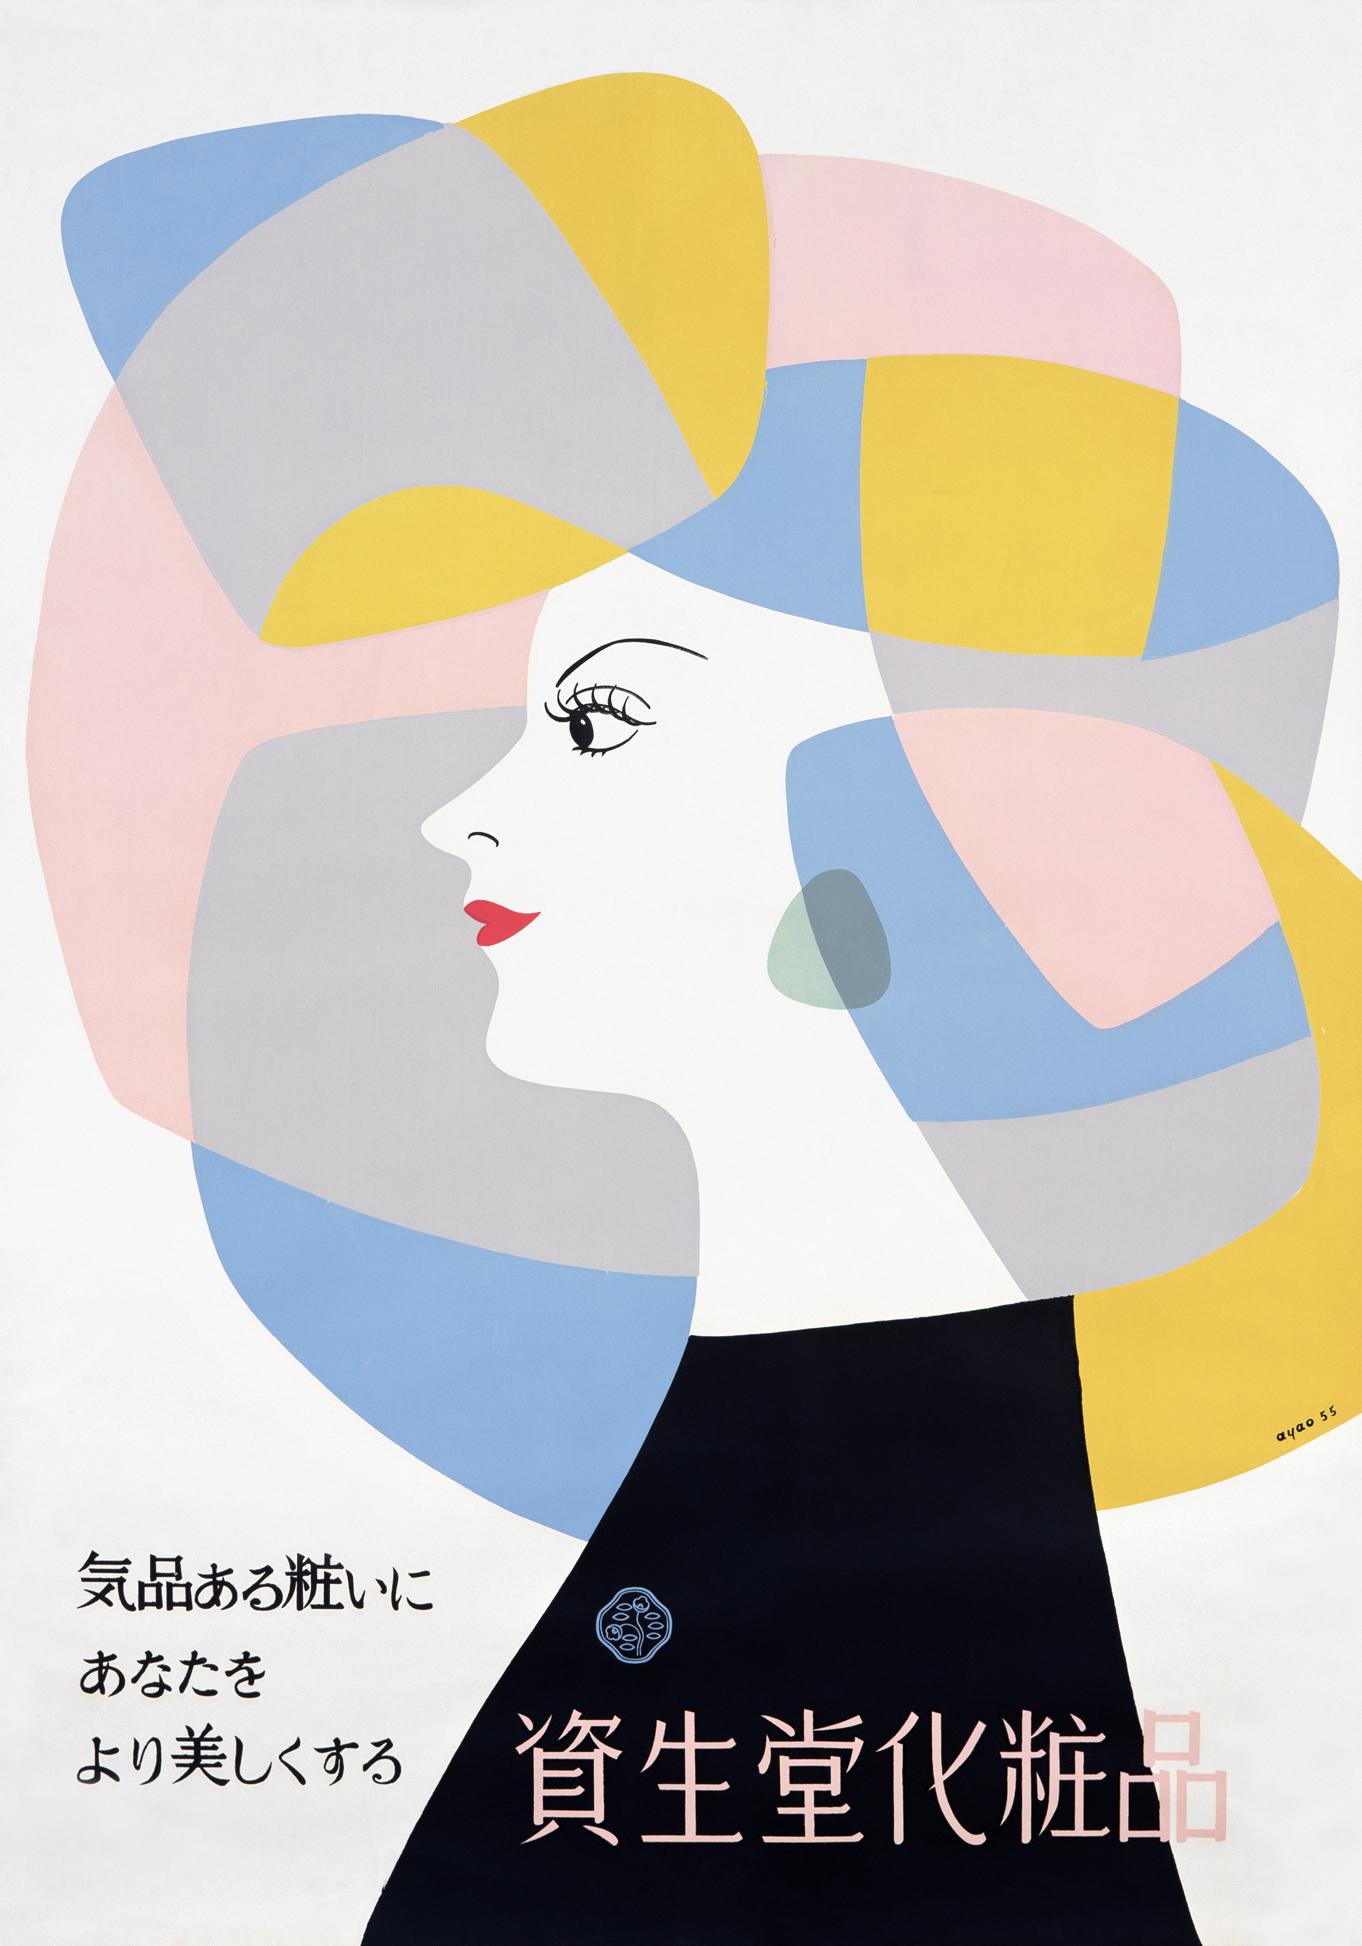 山名文夫による資生堂ポスター〈1955年〉(資生堂企業資料館所蔵)